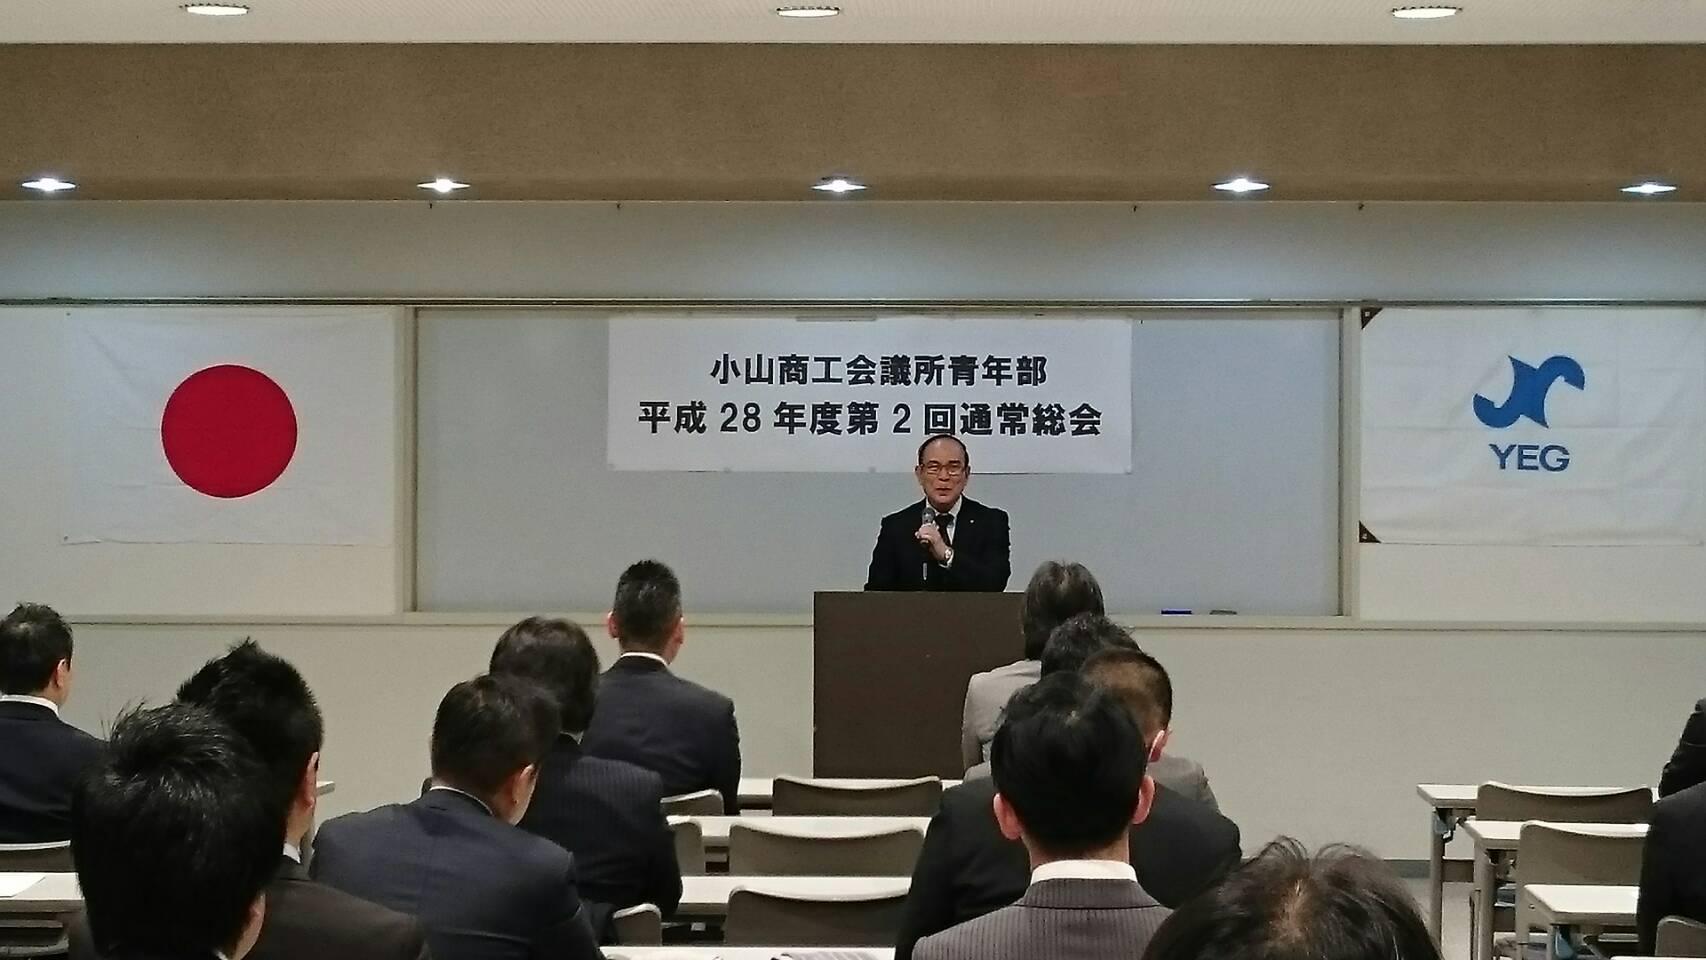 平成28年度第二回通常総会を開催いたしました。